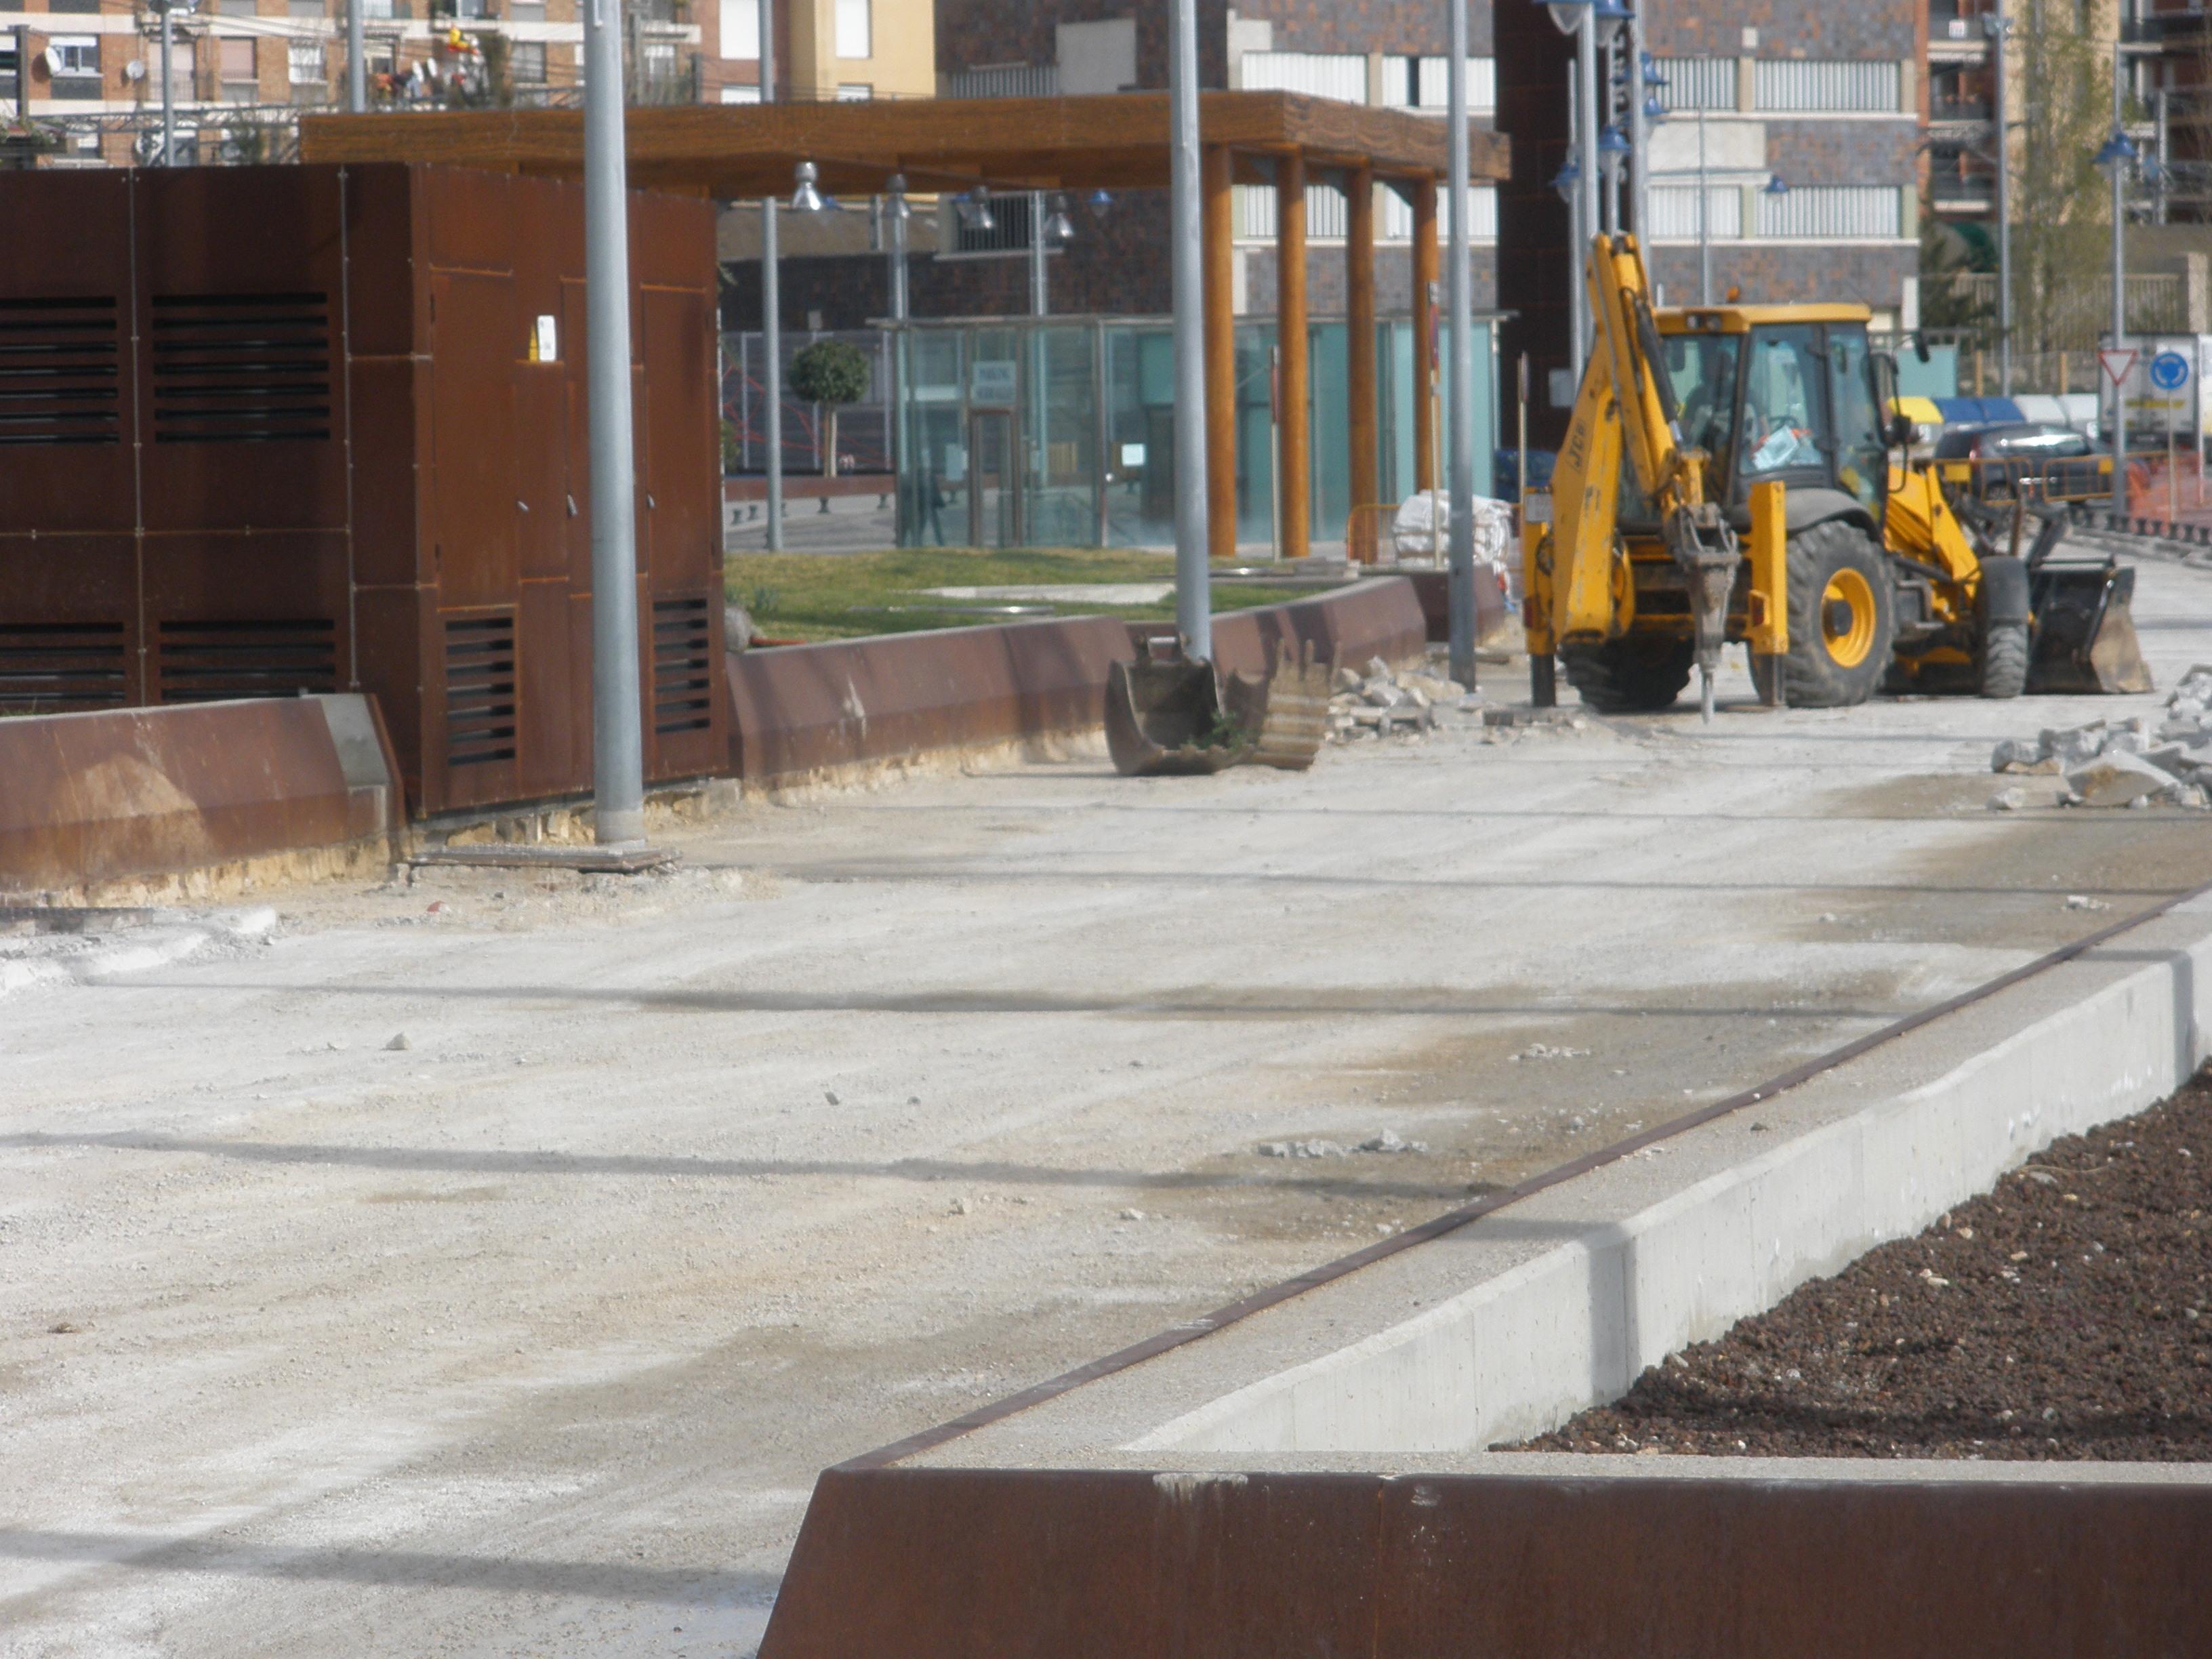 Les obres de pavimentació del carrer Trafalgar s'hauran enllestit amb l'inici de les jornades gastronòmiques